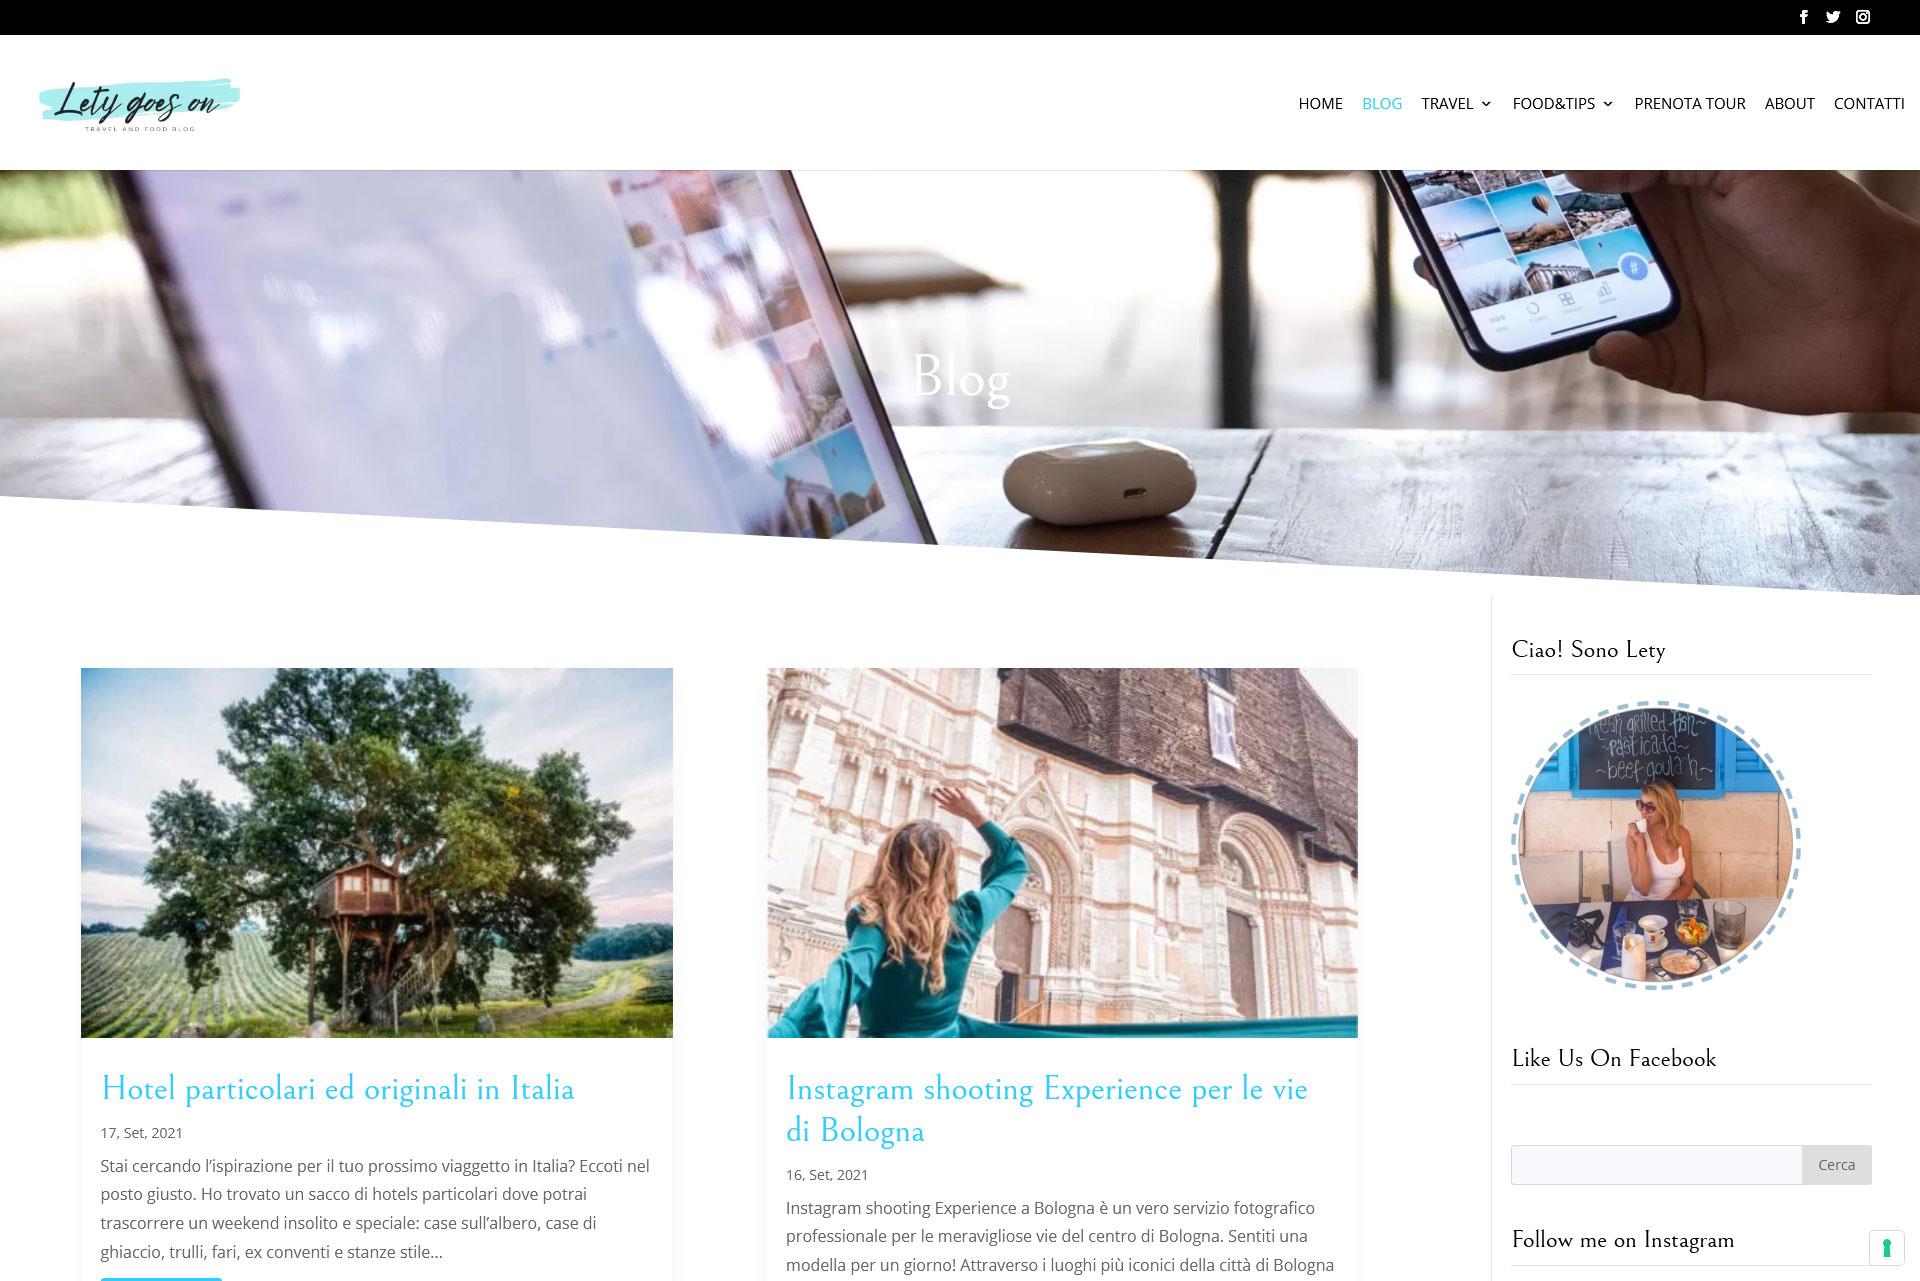 lv-design-realizzazione-siti-web-bologna-portfolio-lety-goes-on-slide-3